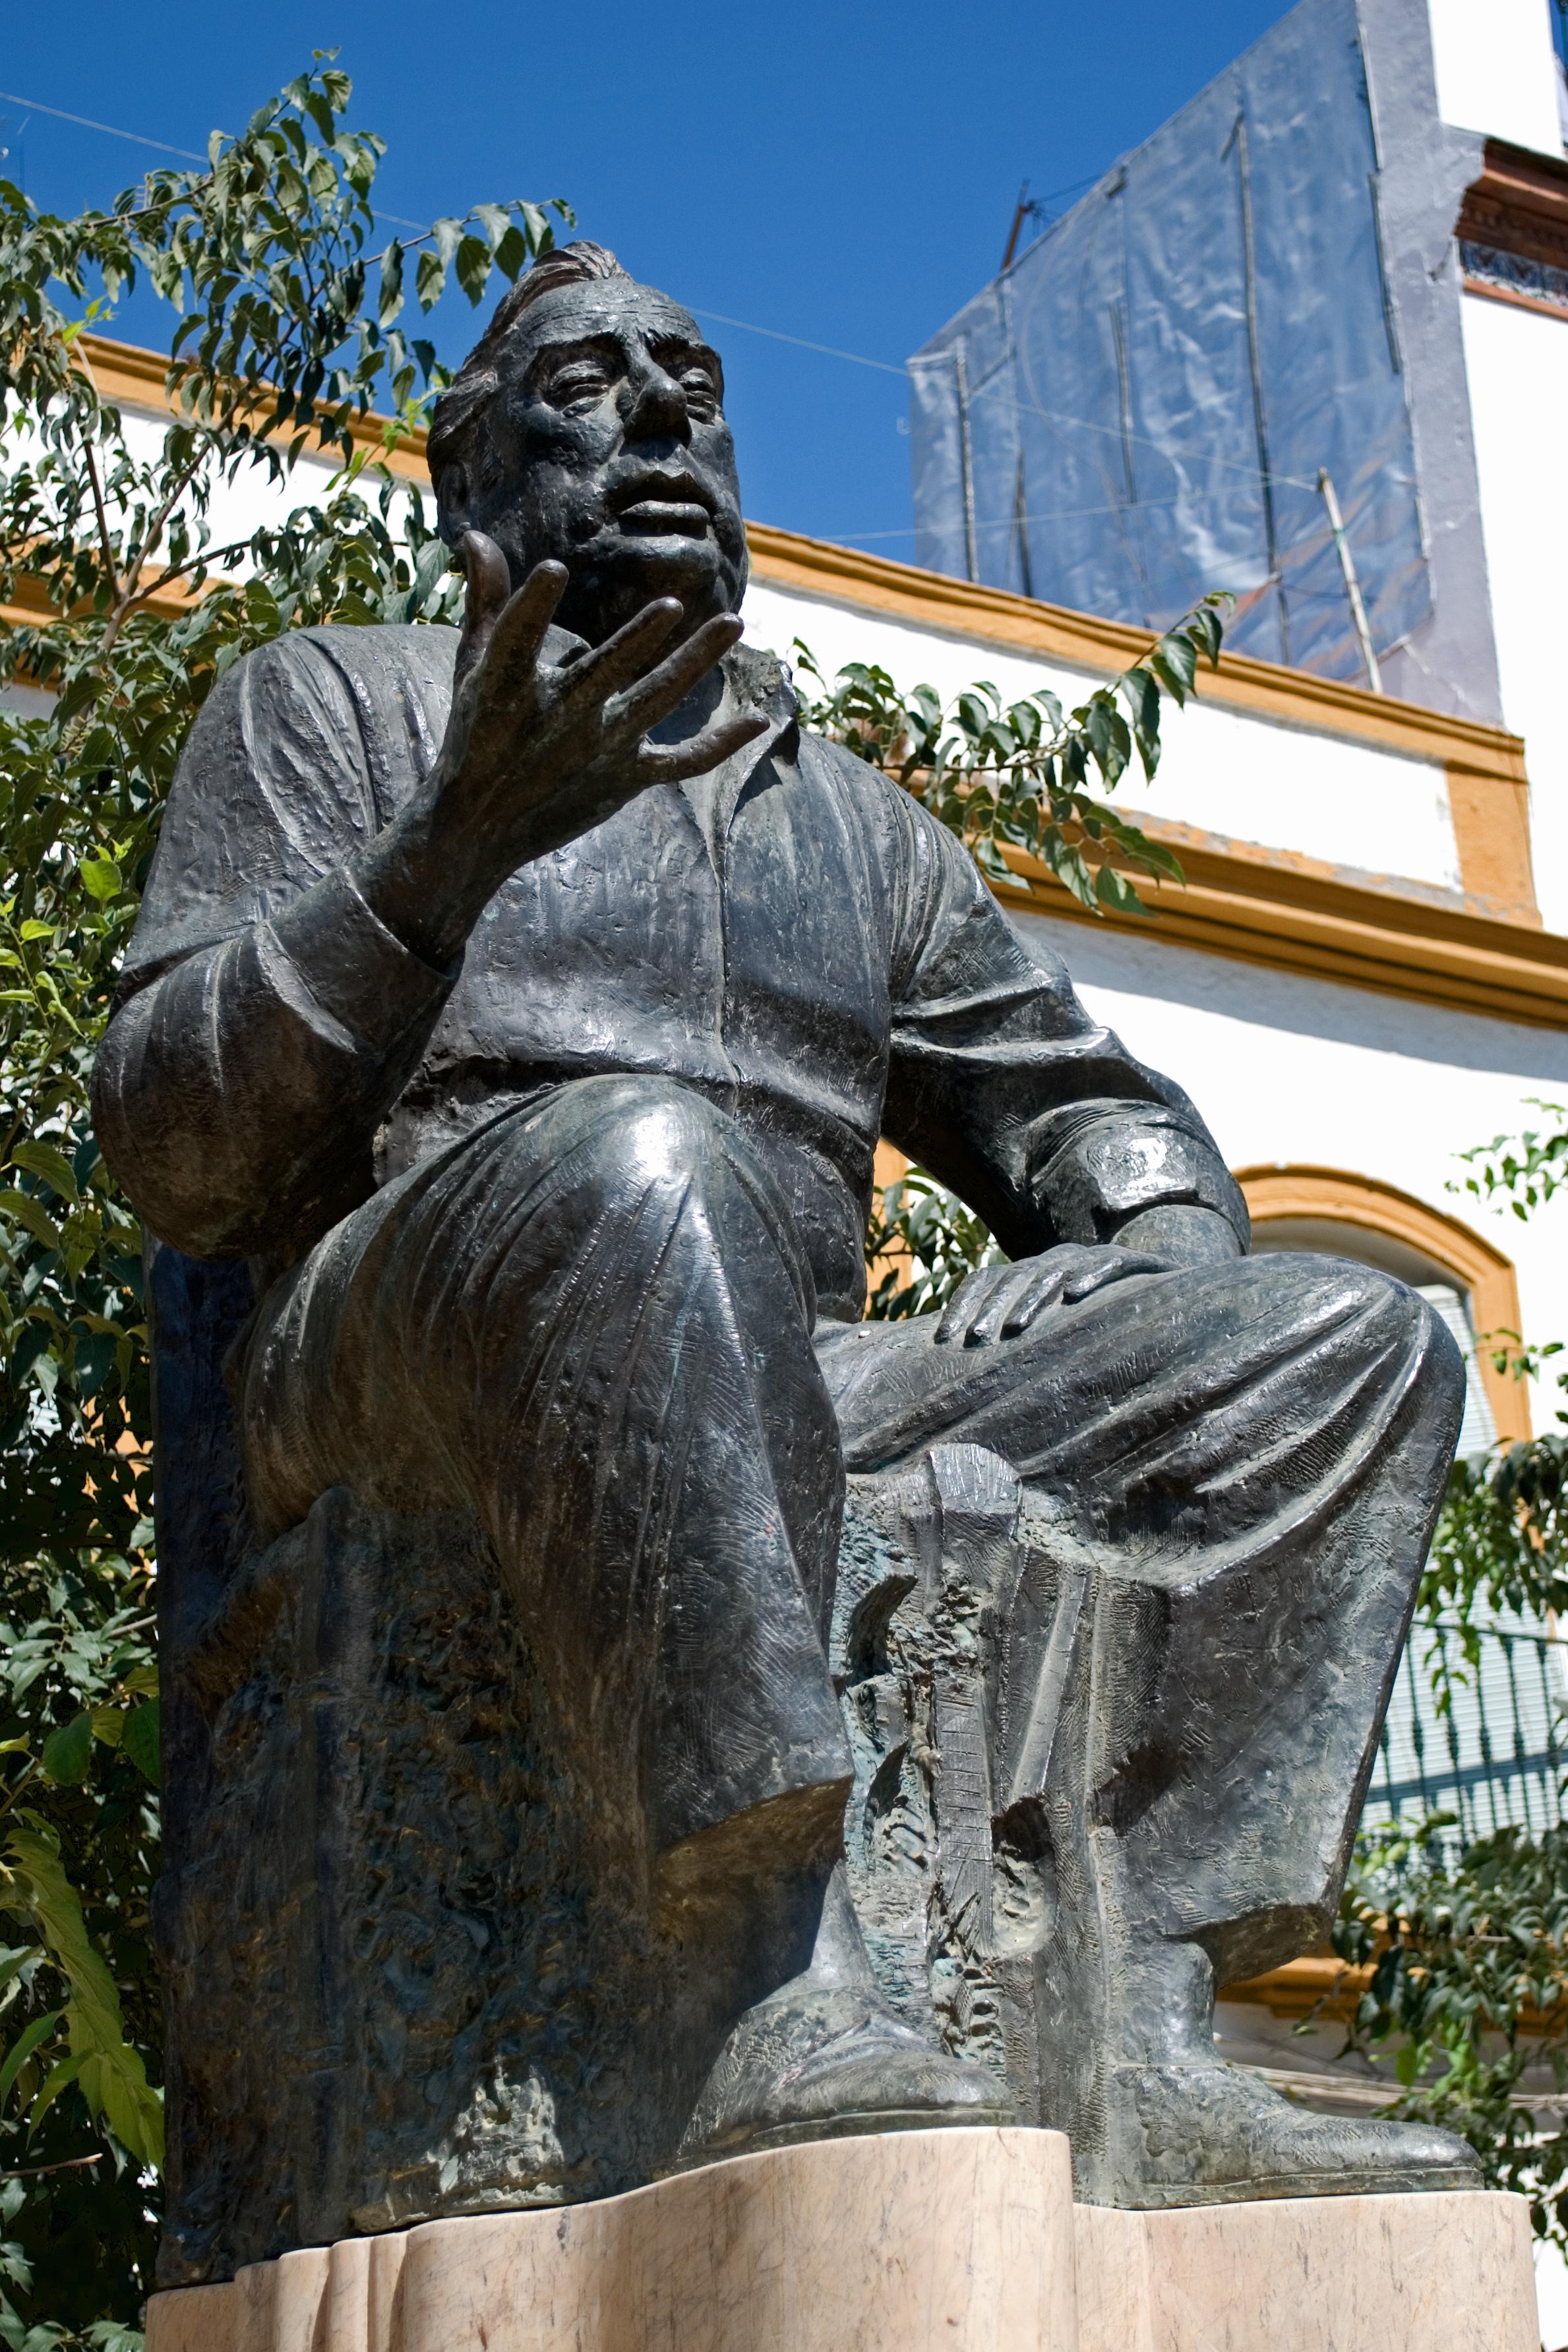 Estatua en bronce, de Manolo Caracol en la Alameda de Hércules de Sevilla, realizada en 1990 por Sebastián Santos Calero.